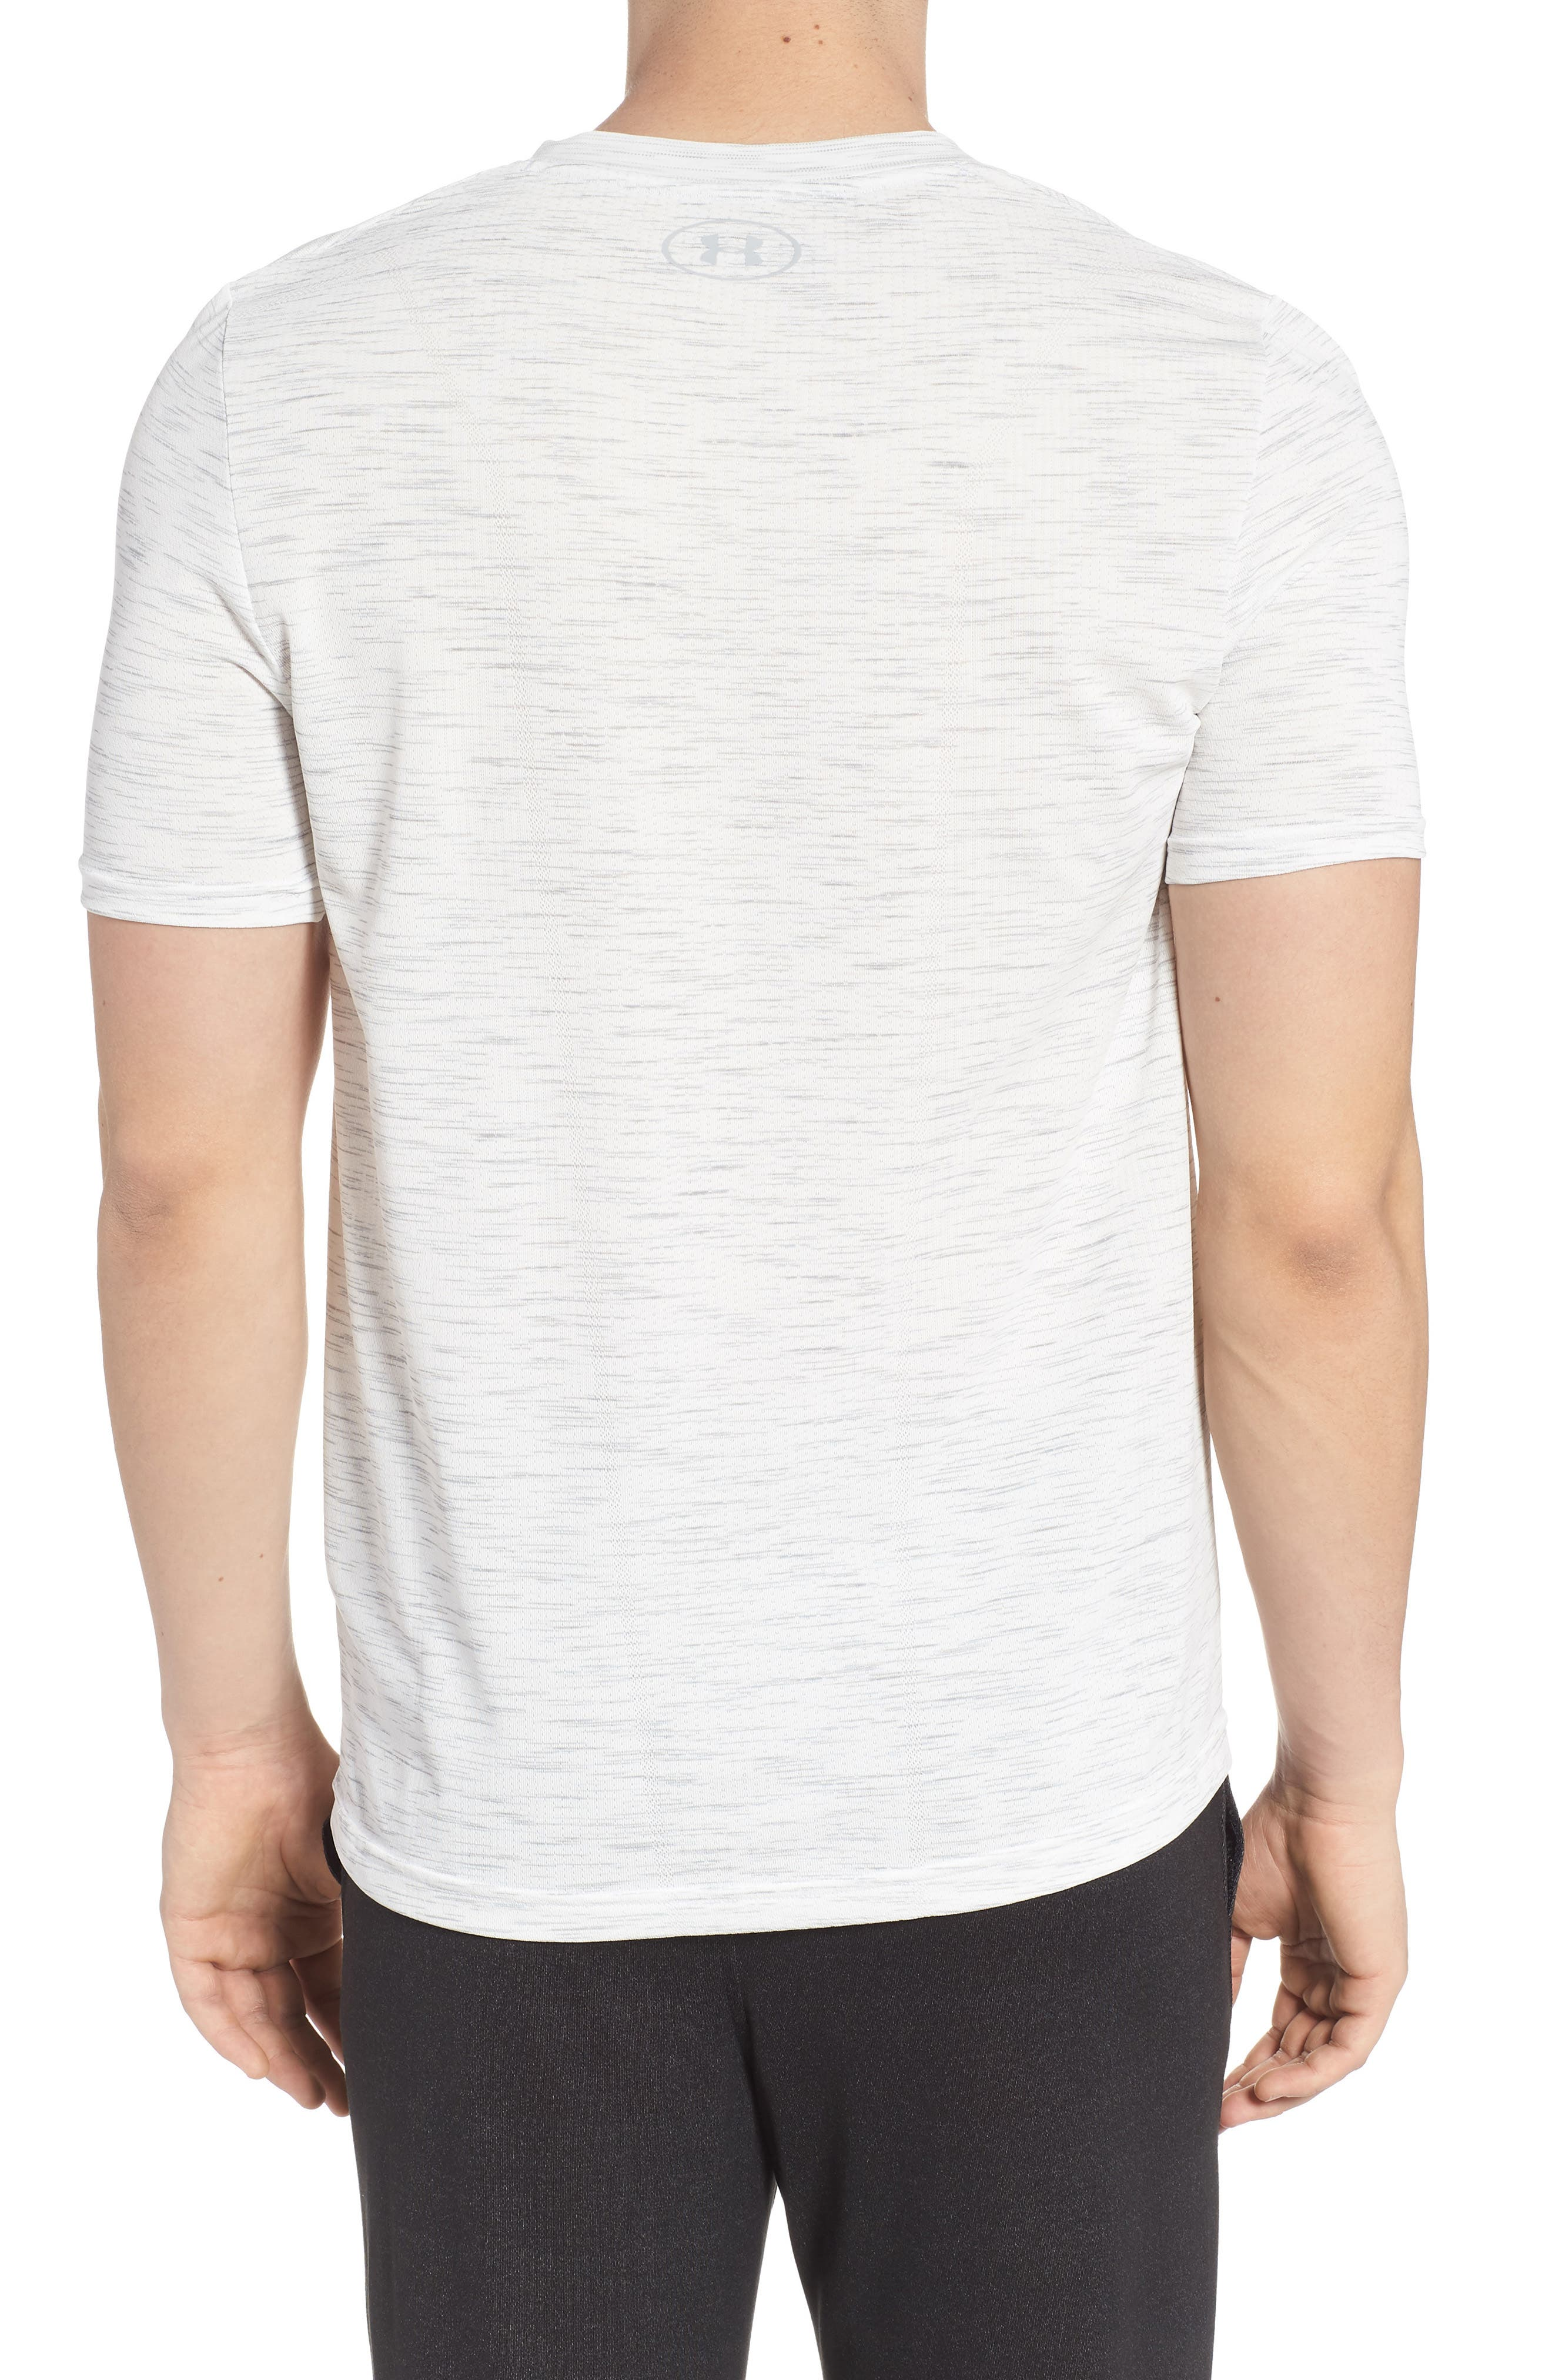 Regular Fit Threadborne T-Shirt,                             Alternate thumbnail 2, color,                             White